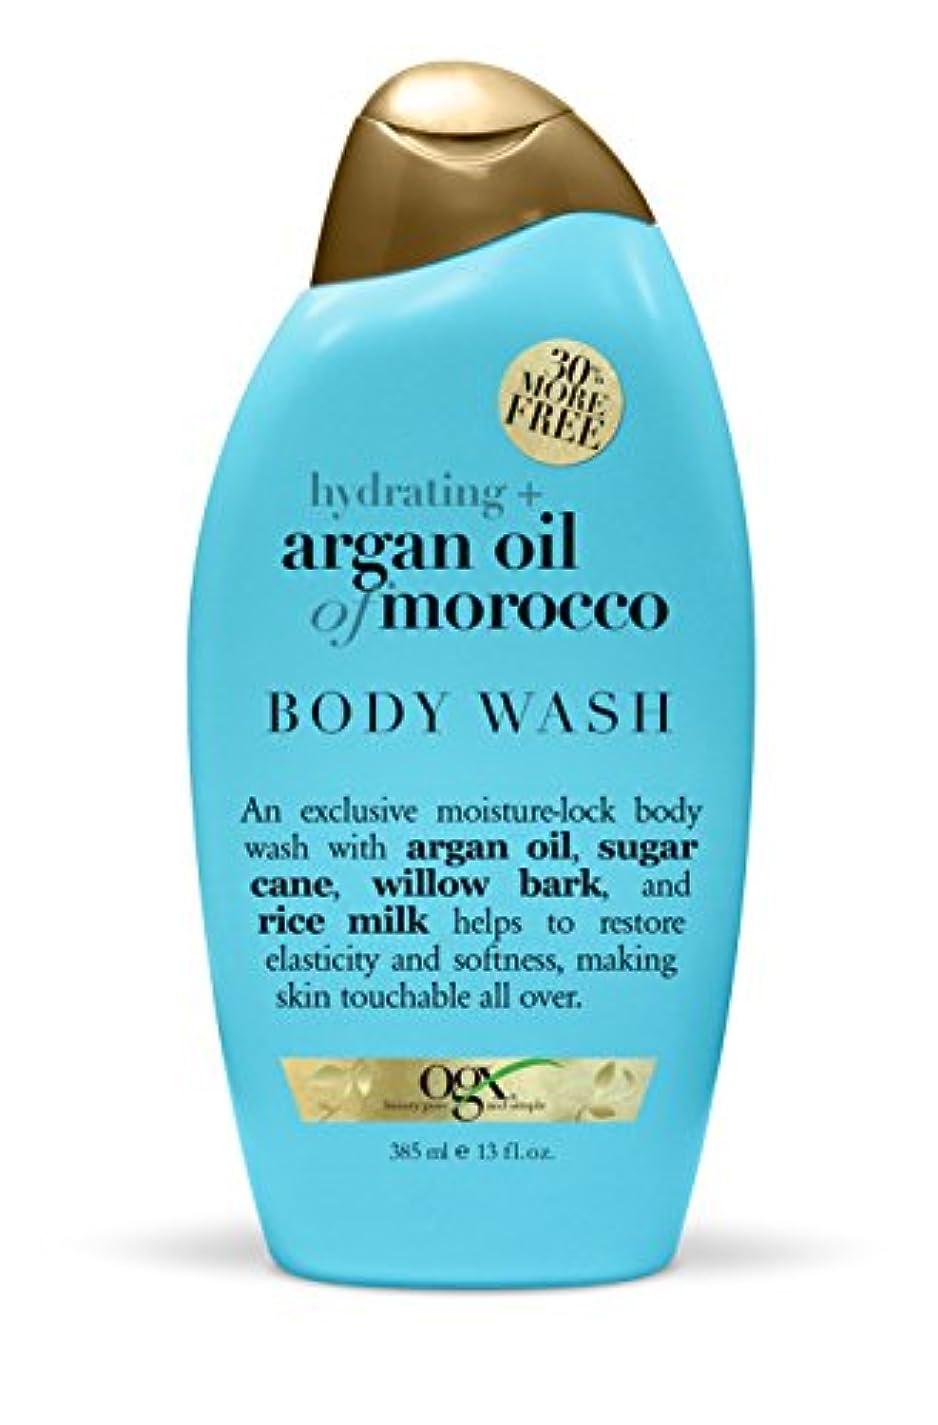 いいね裁判官もOrganix Body Wash Moroccan Argan Oil 385 ml (Hydrating) (並行輸入品)